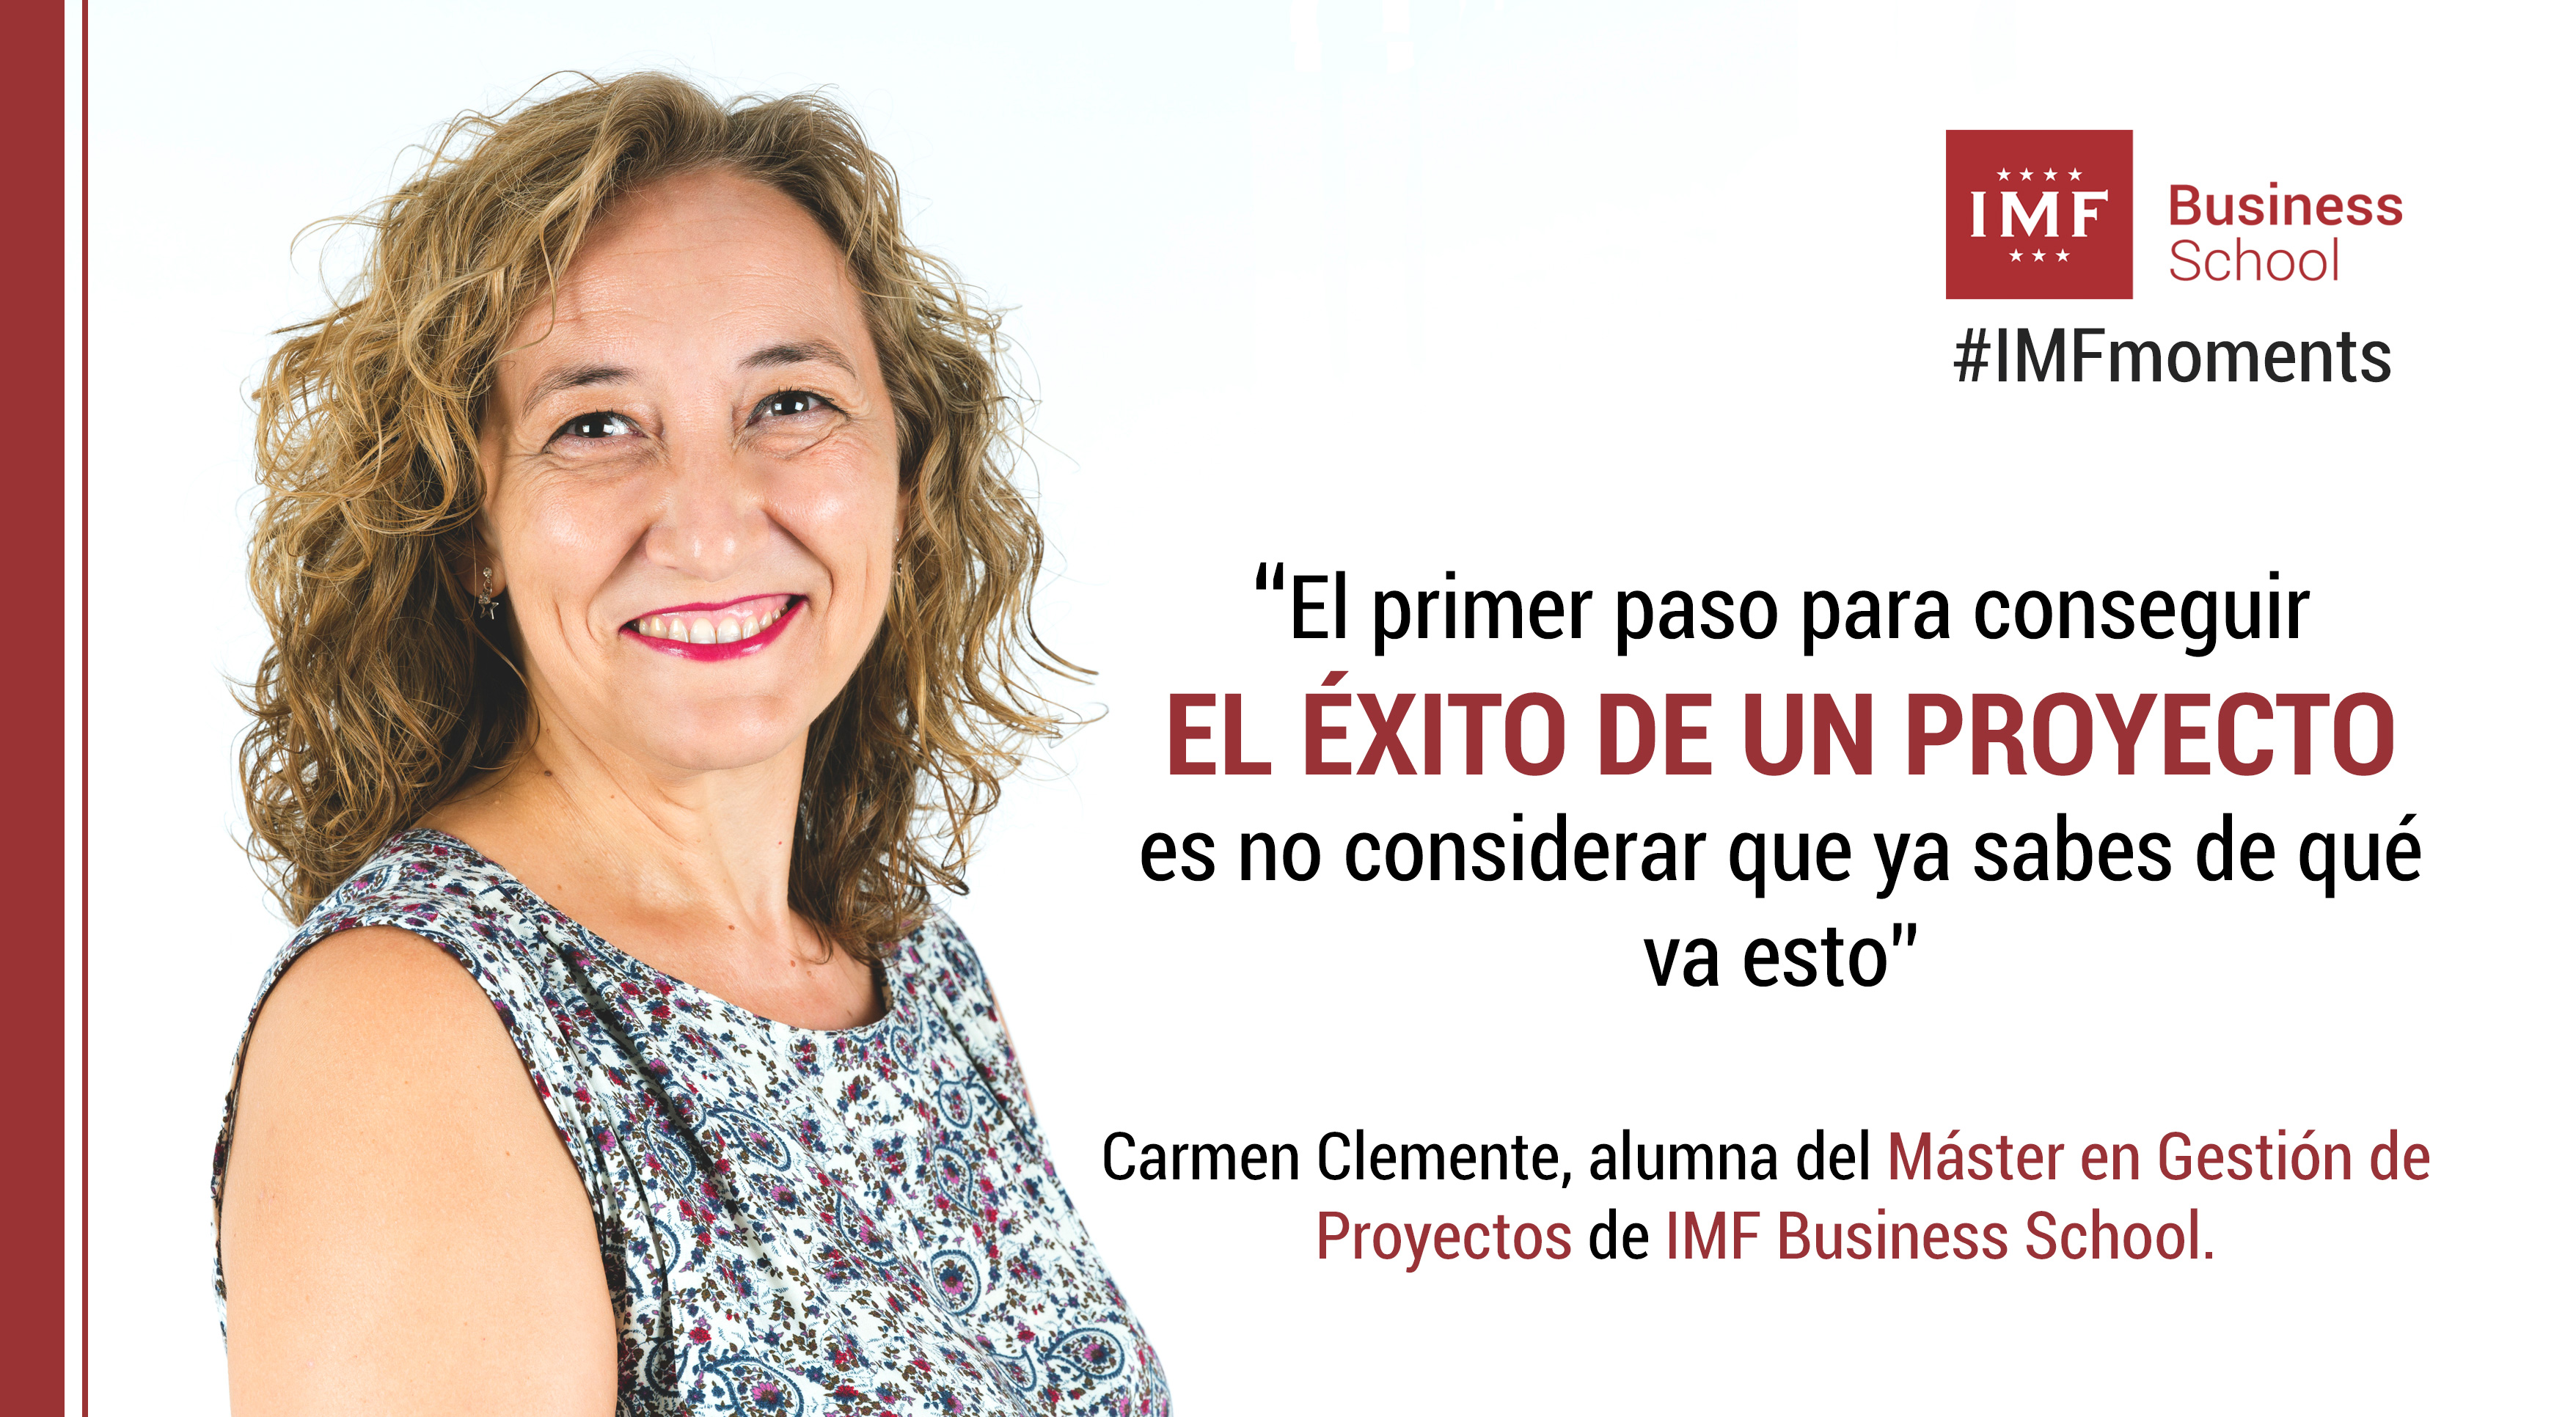 entrevista-carmen-clemente-gestion-de-proyectos Entrevista Alumni: Carmen Clemente, alumna del Máster en Gestión de Proyectos